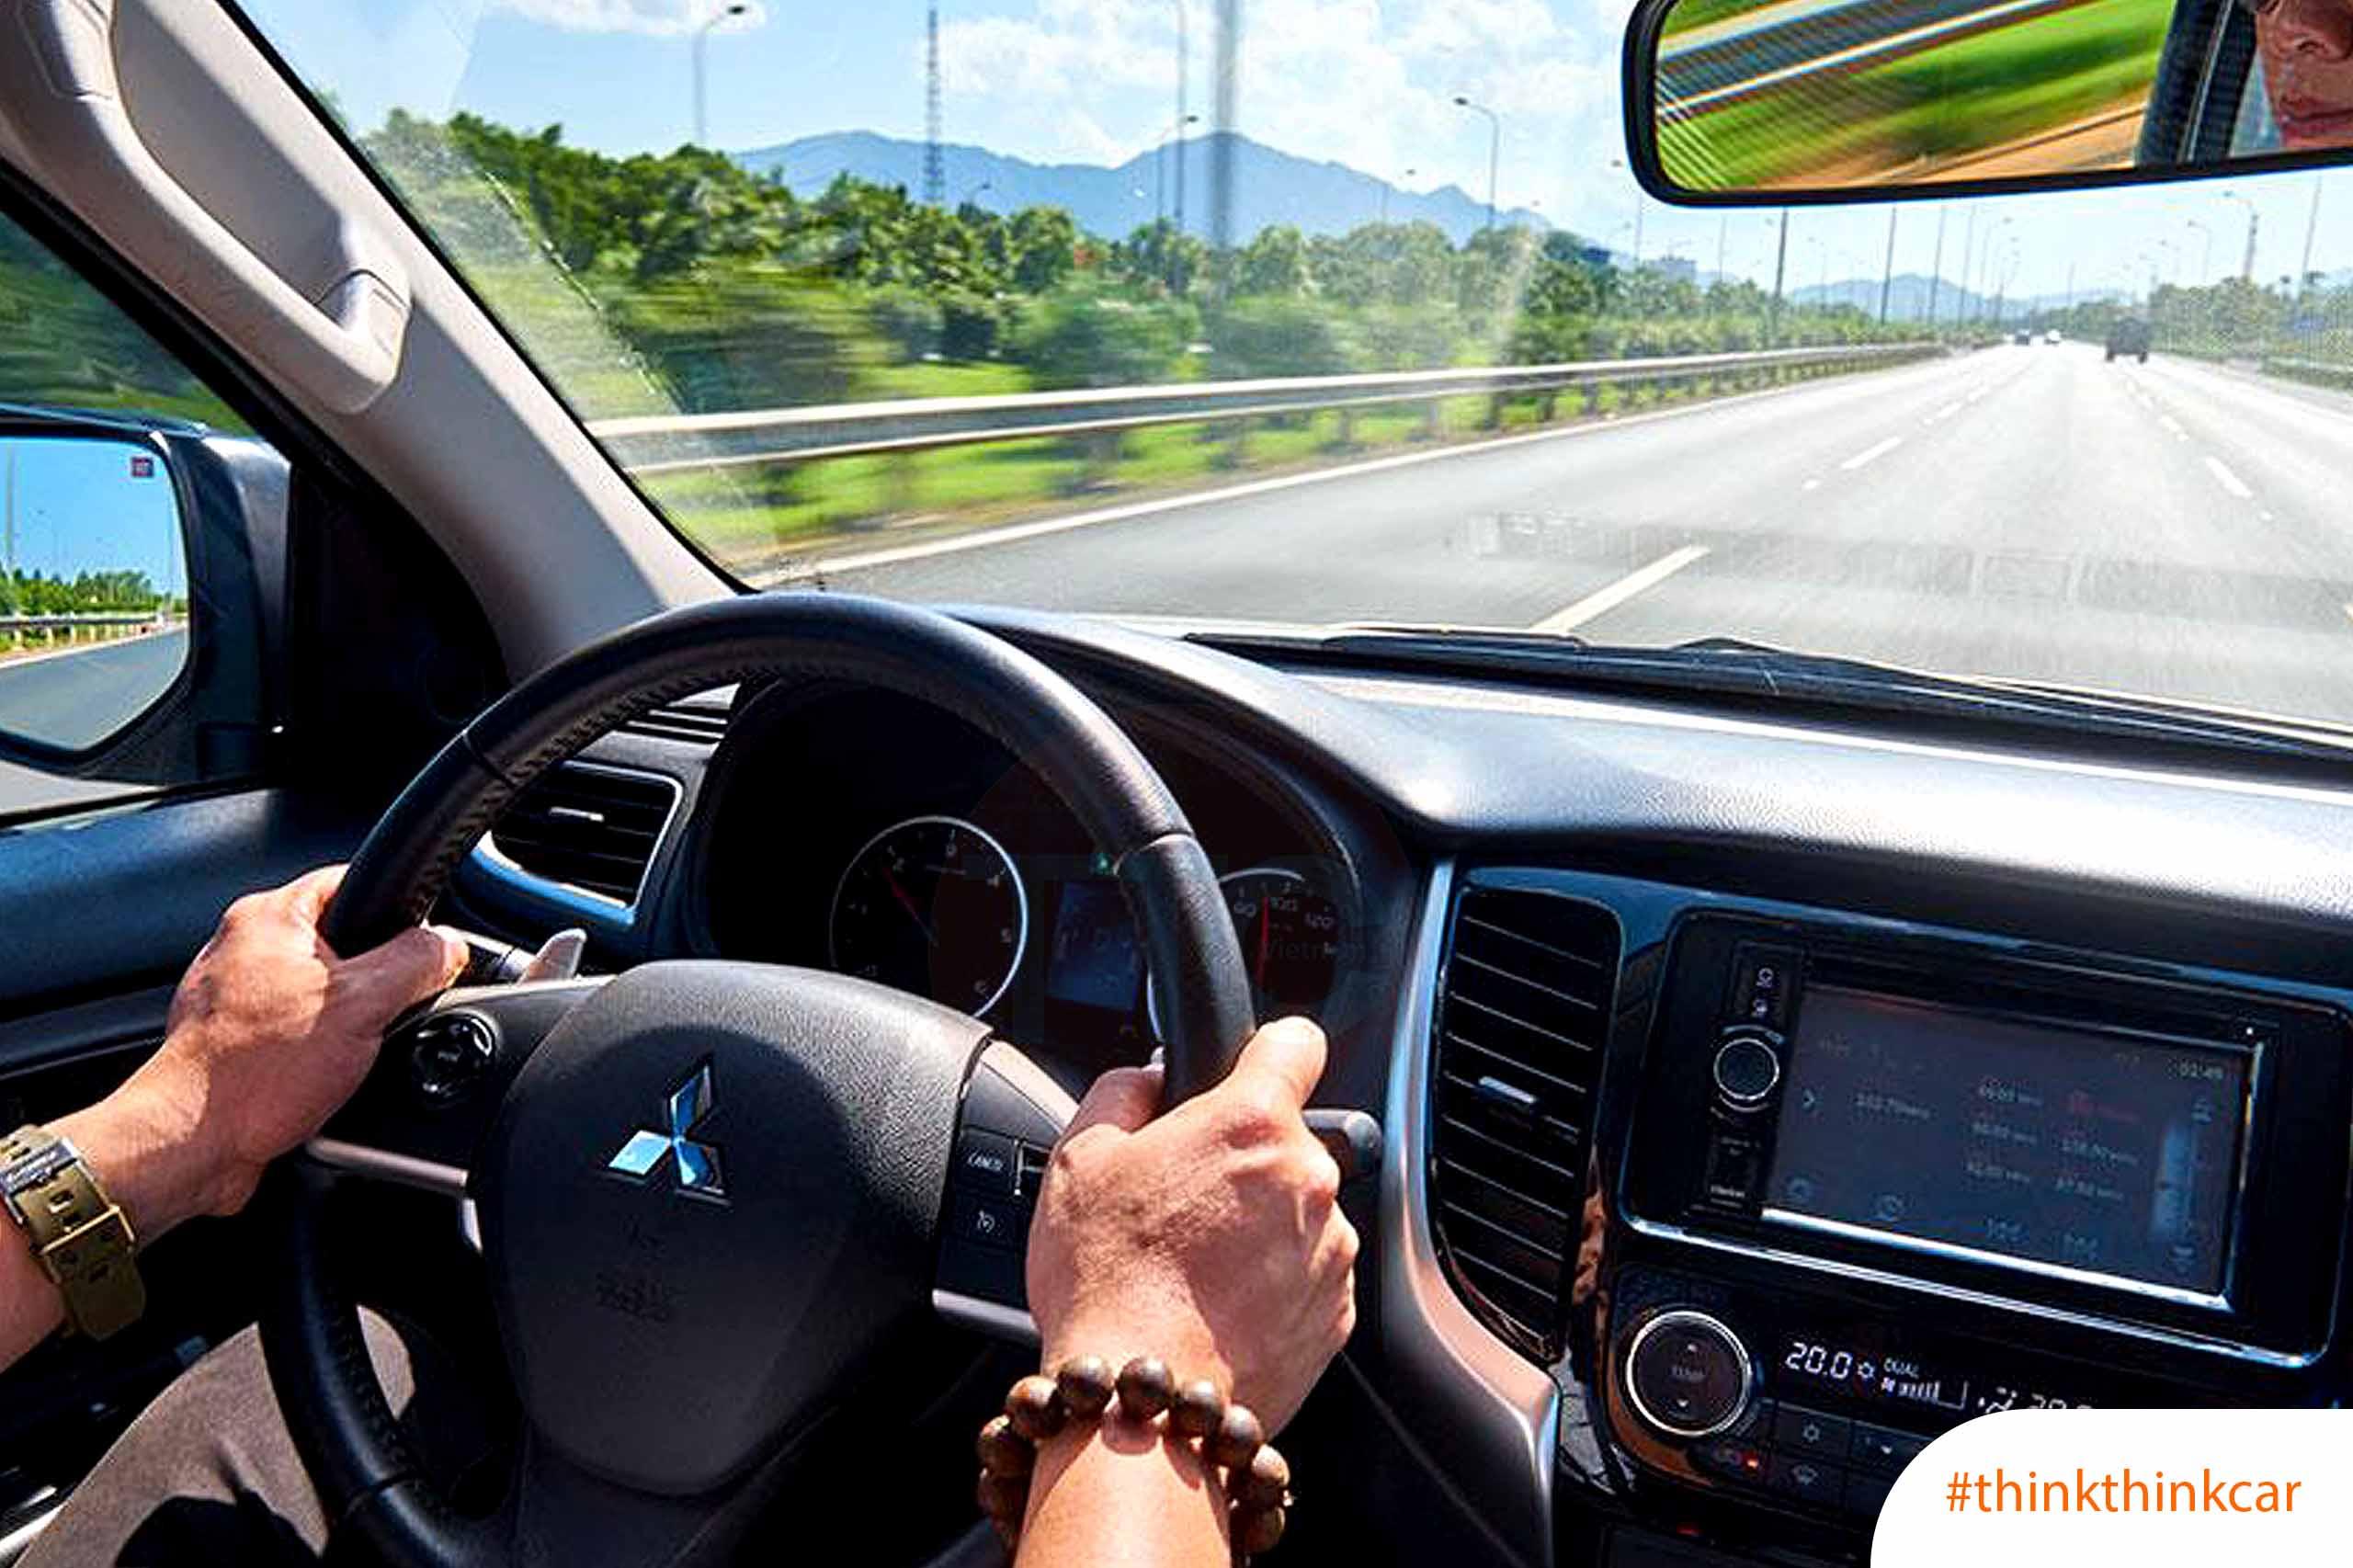 Một số lời khuyên lái xe an toàn cho dân Off-road Hình 3 Nguồn : ThinkThinkCar Việt Nam